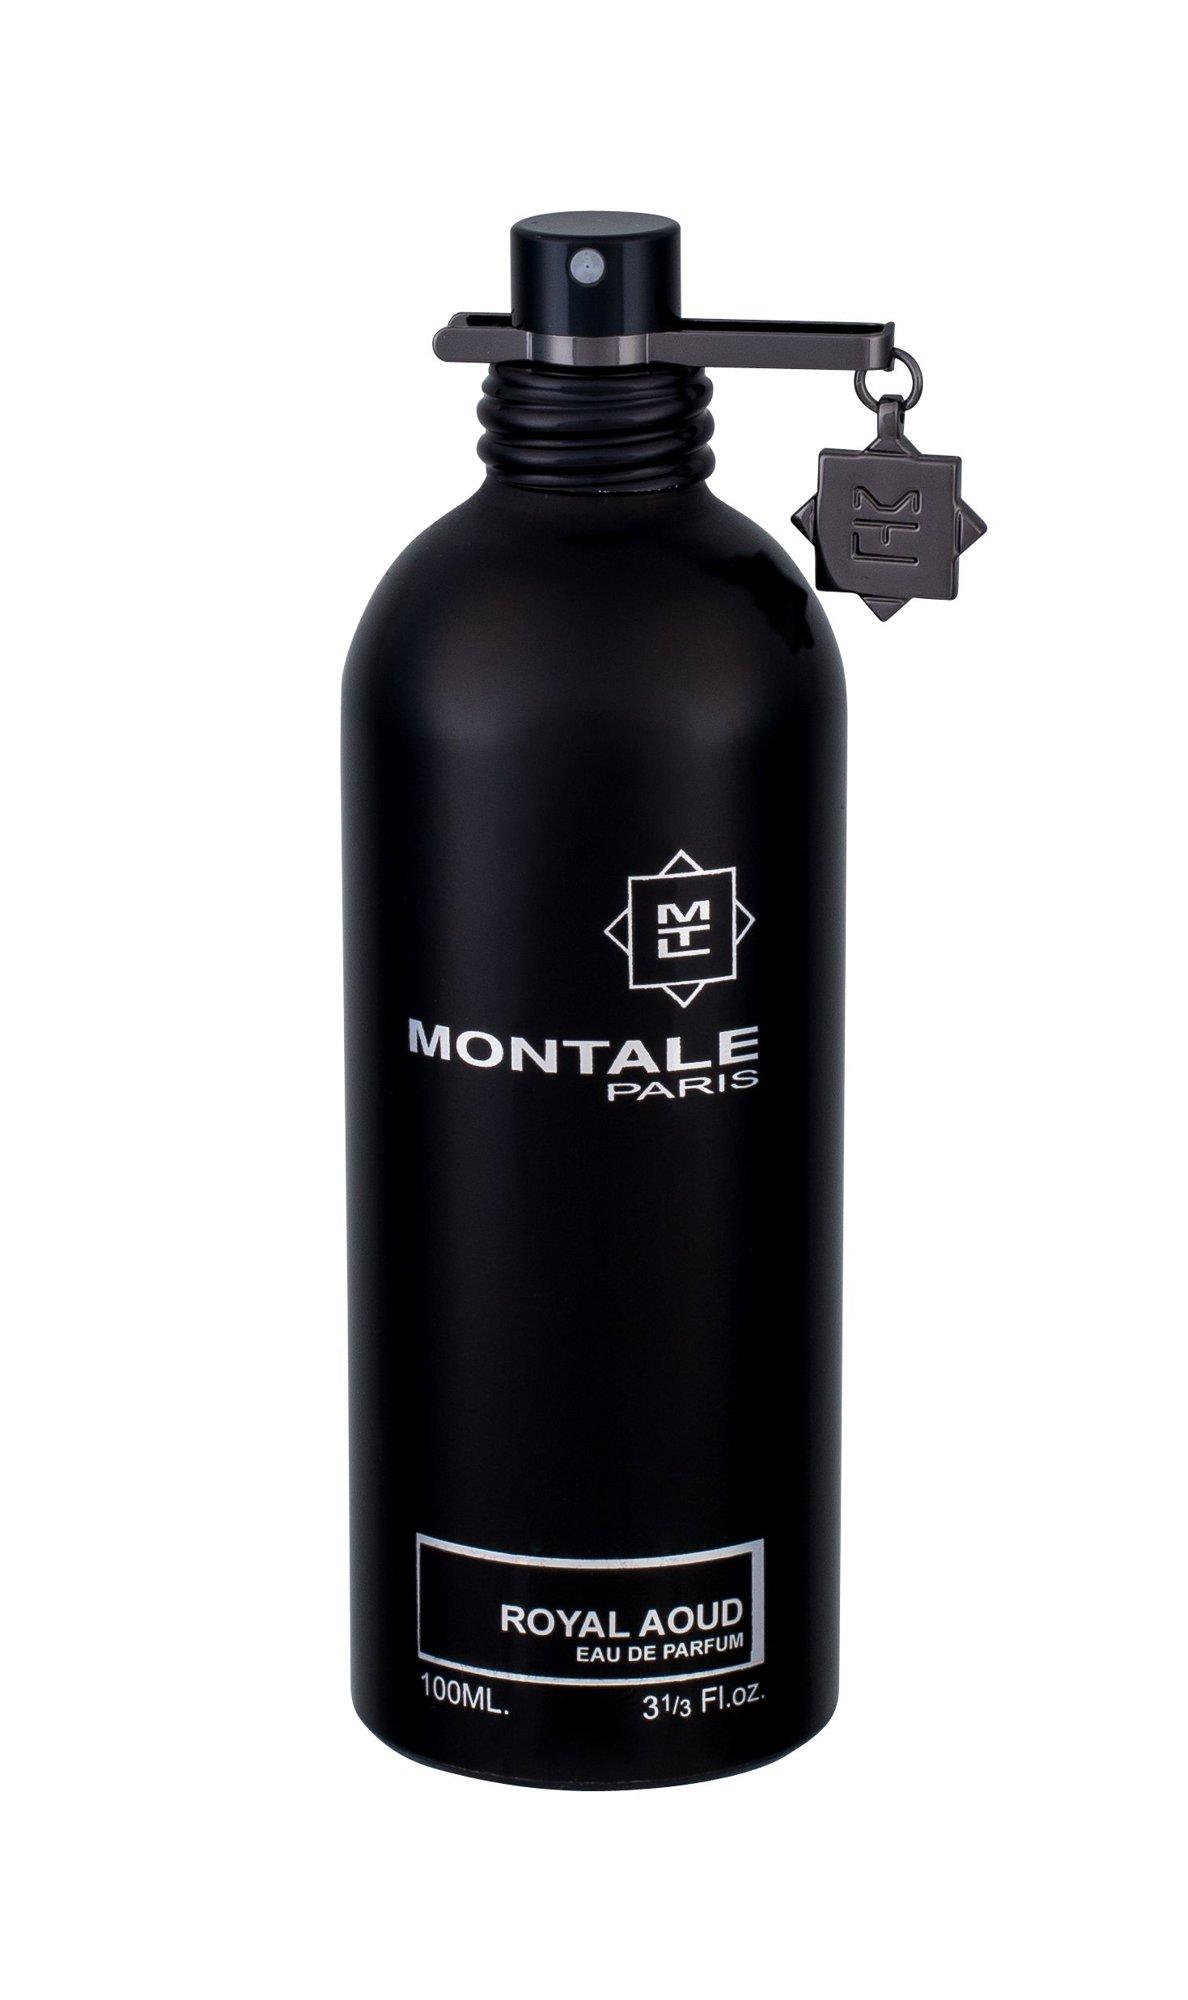 Montale Paris Royal Aoud Eau de Parfum 100ml